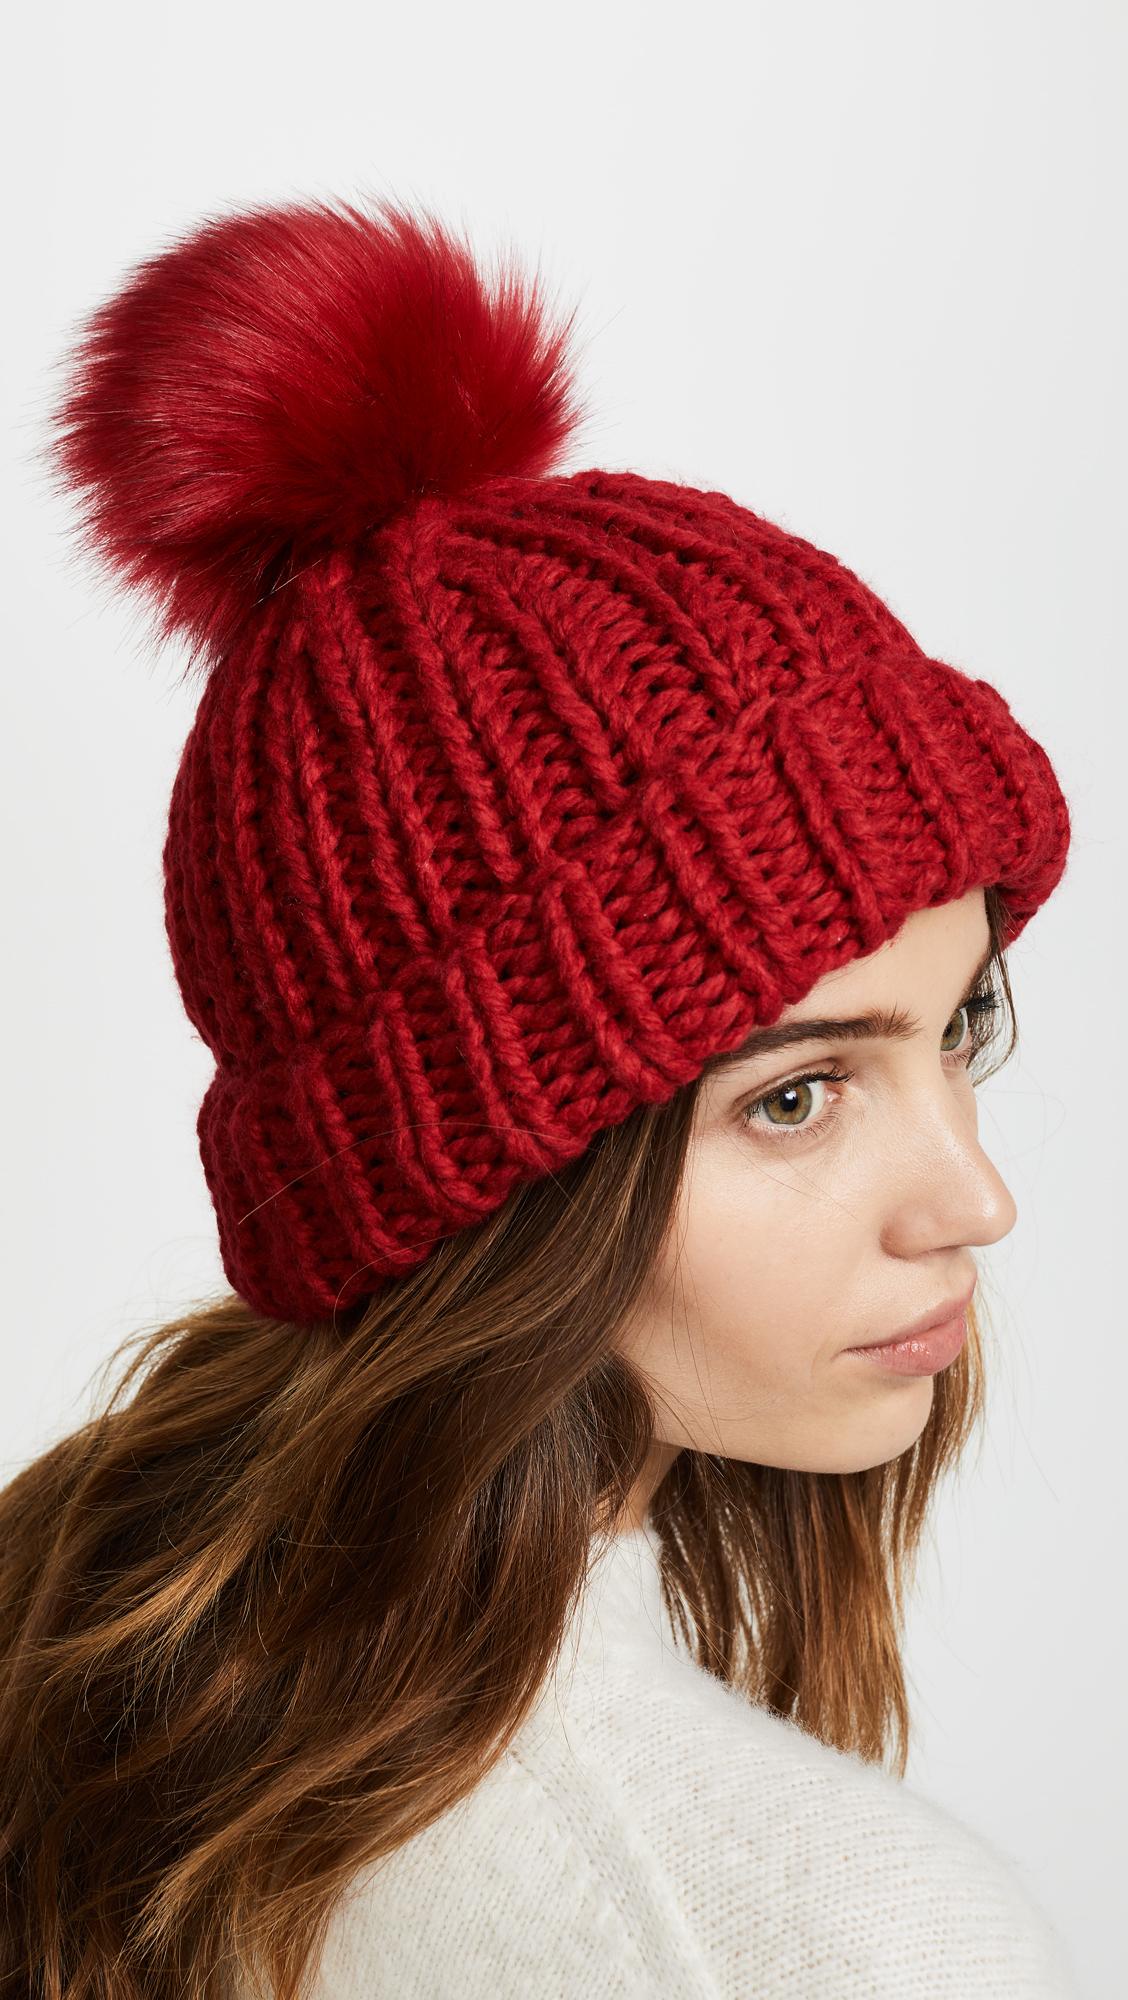 da778996a91 Free People Happy Trails Pom Beanie Hat